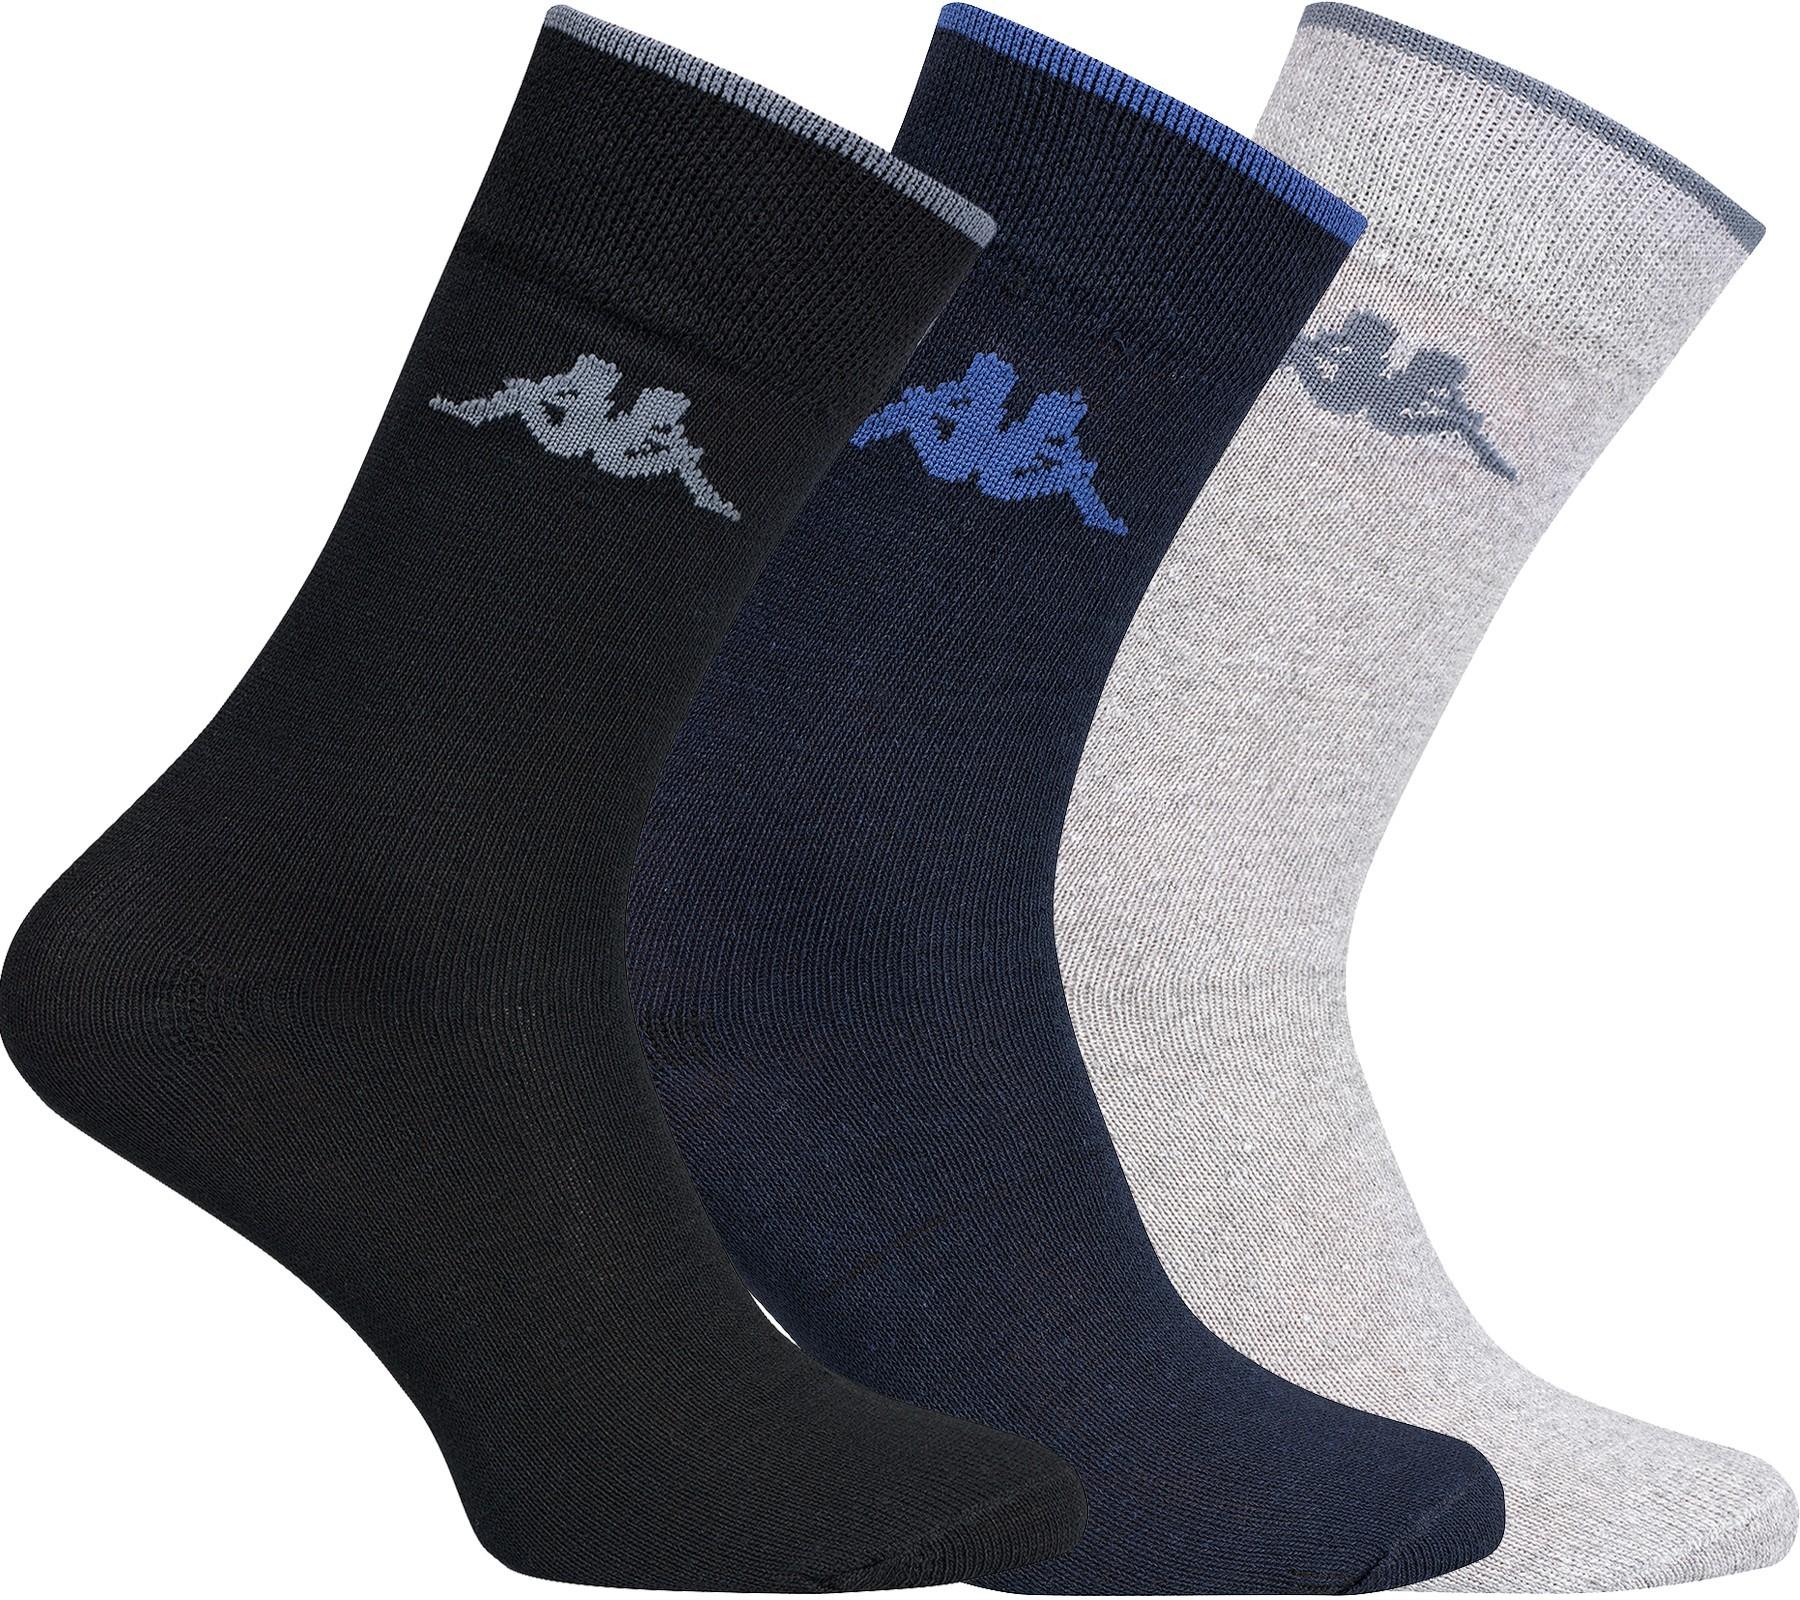 outlet46 -- 20er Pack Kappa Socken Herren in verschiedenen Farben 9,99 €